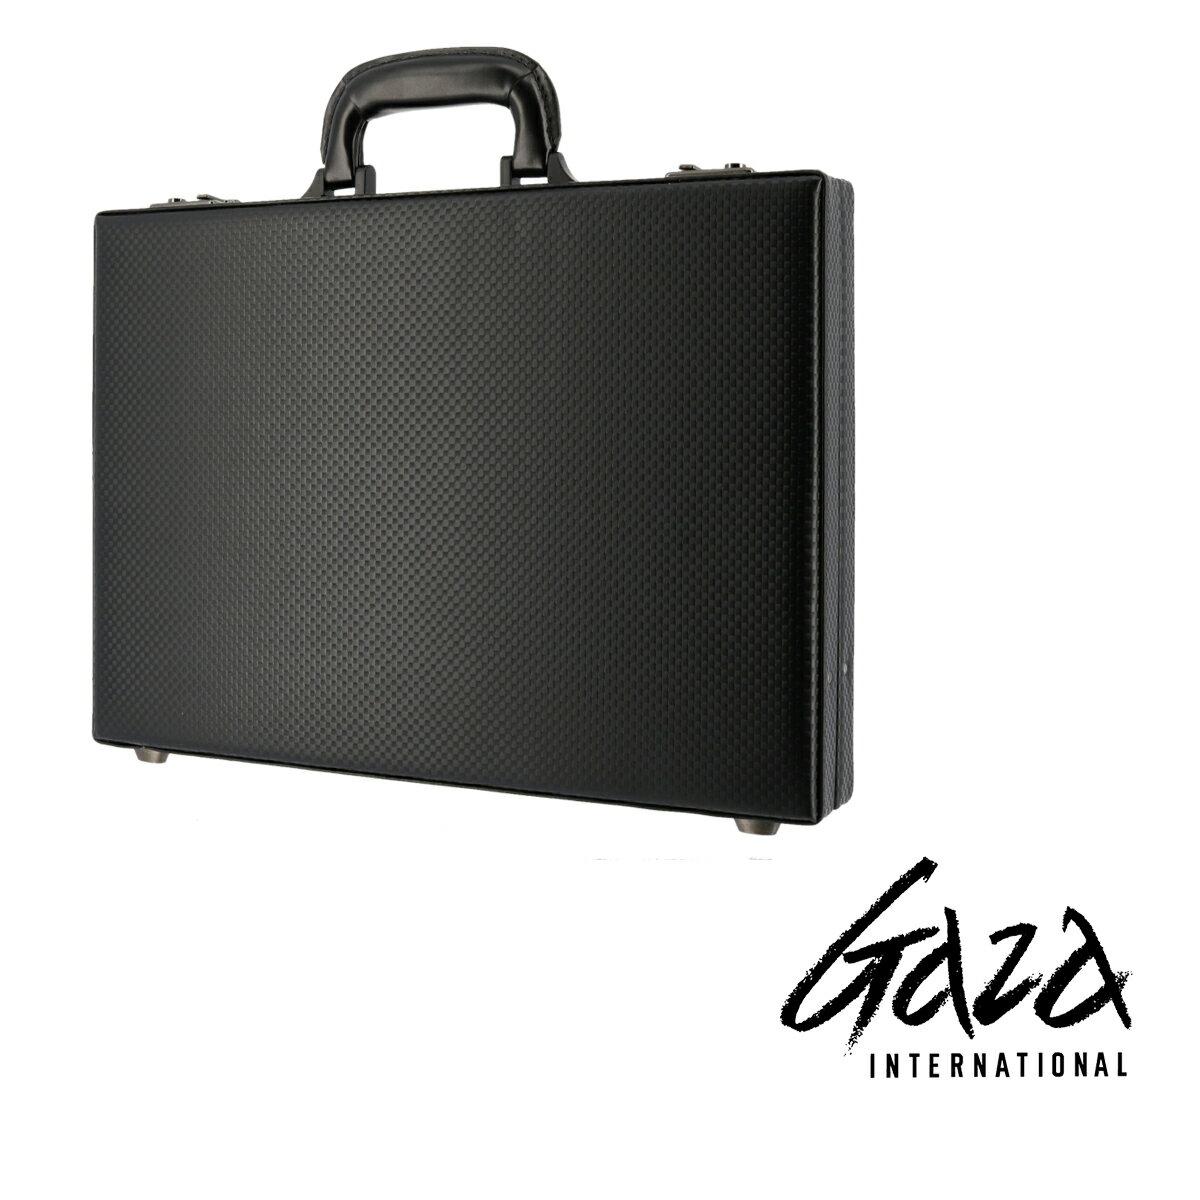 青木鞄 ガザ GAZA ブリーフケース 6251 【 アオキ カバン 】【 アタッシュケース ビジネスバッグ メンズ 】【bef】